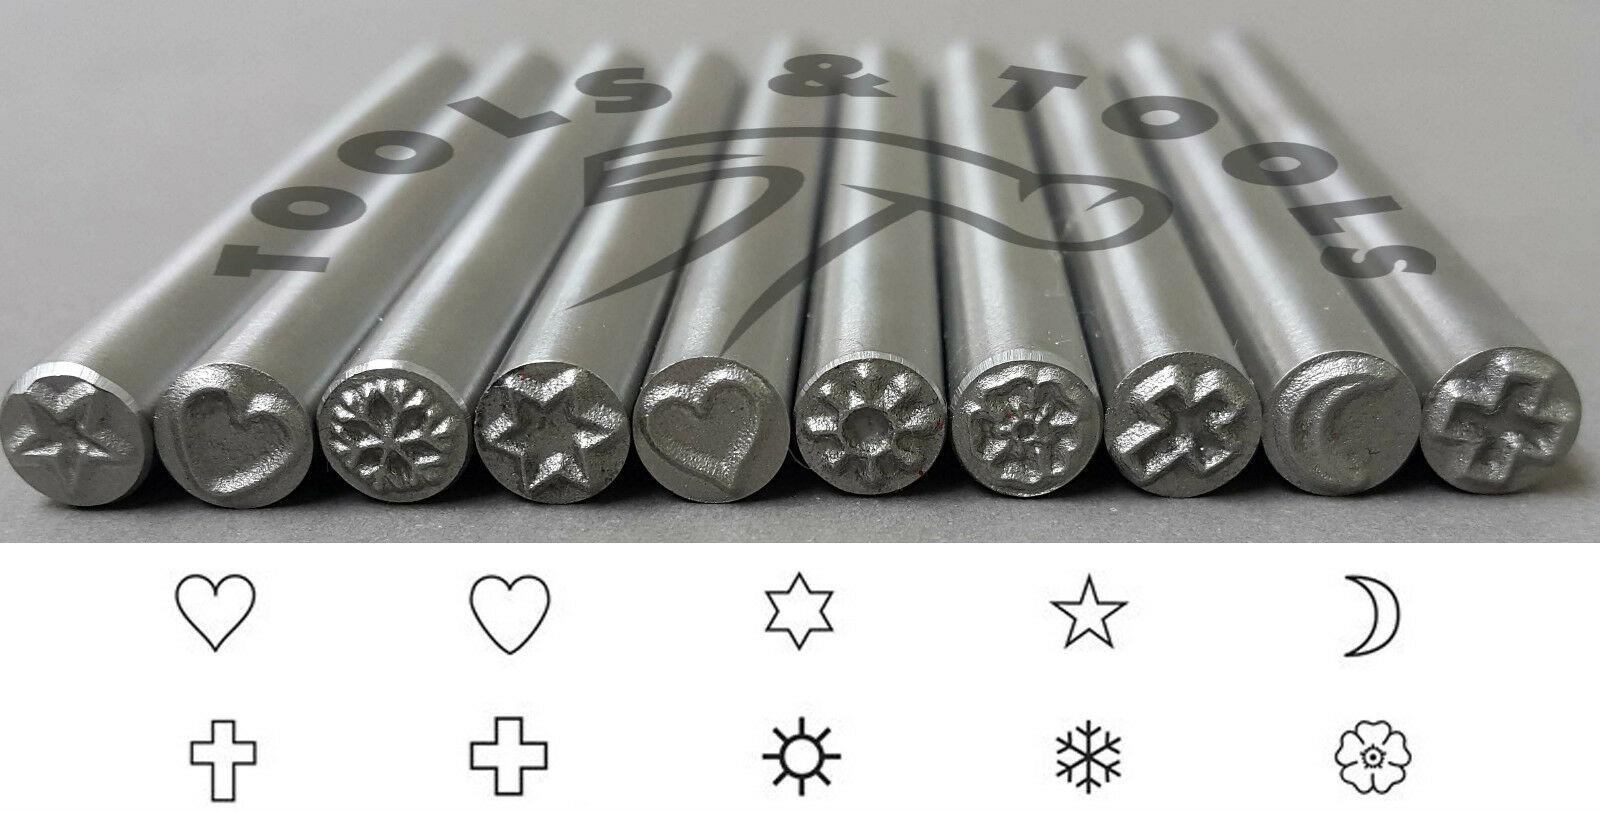 5 0 Mm Religious Symbols Precision Design Metal Punch